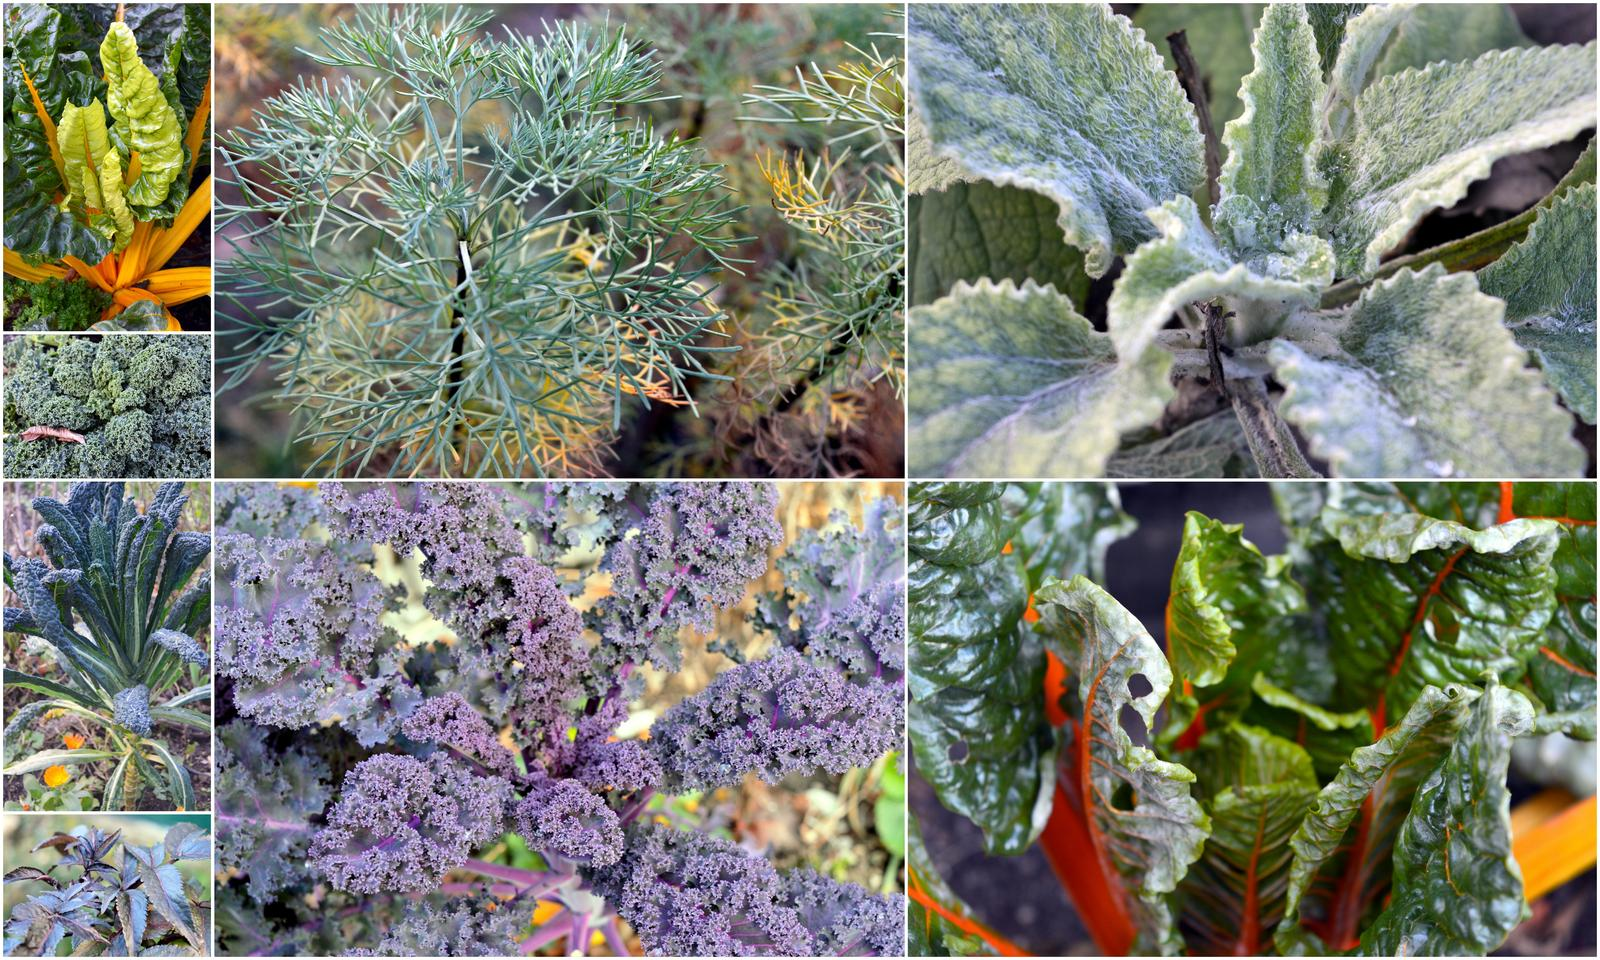 Naša prírodná perma záhradka v roku 2019 - decembrové dekoračné listy